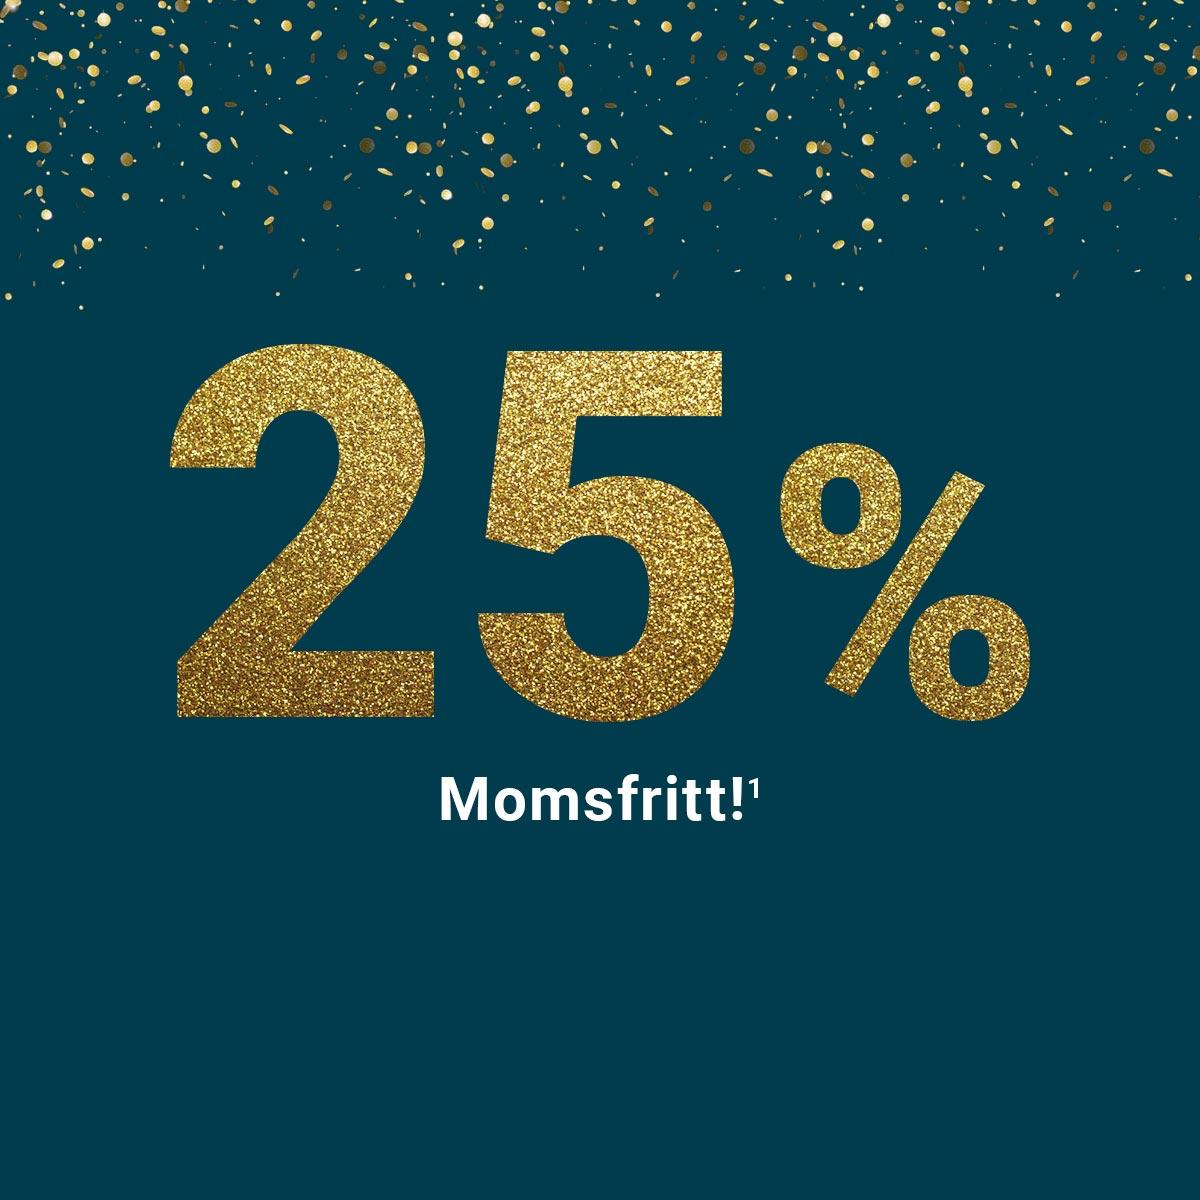 25% Momsfritt!